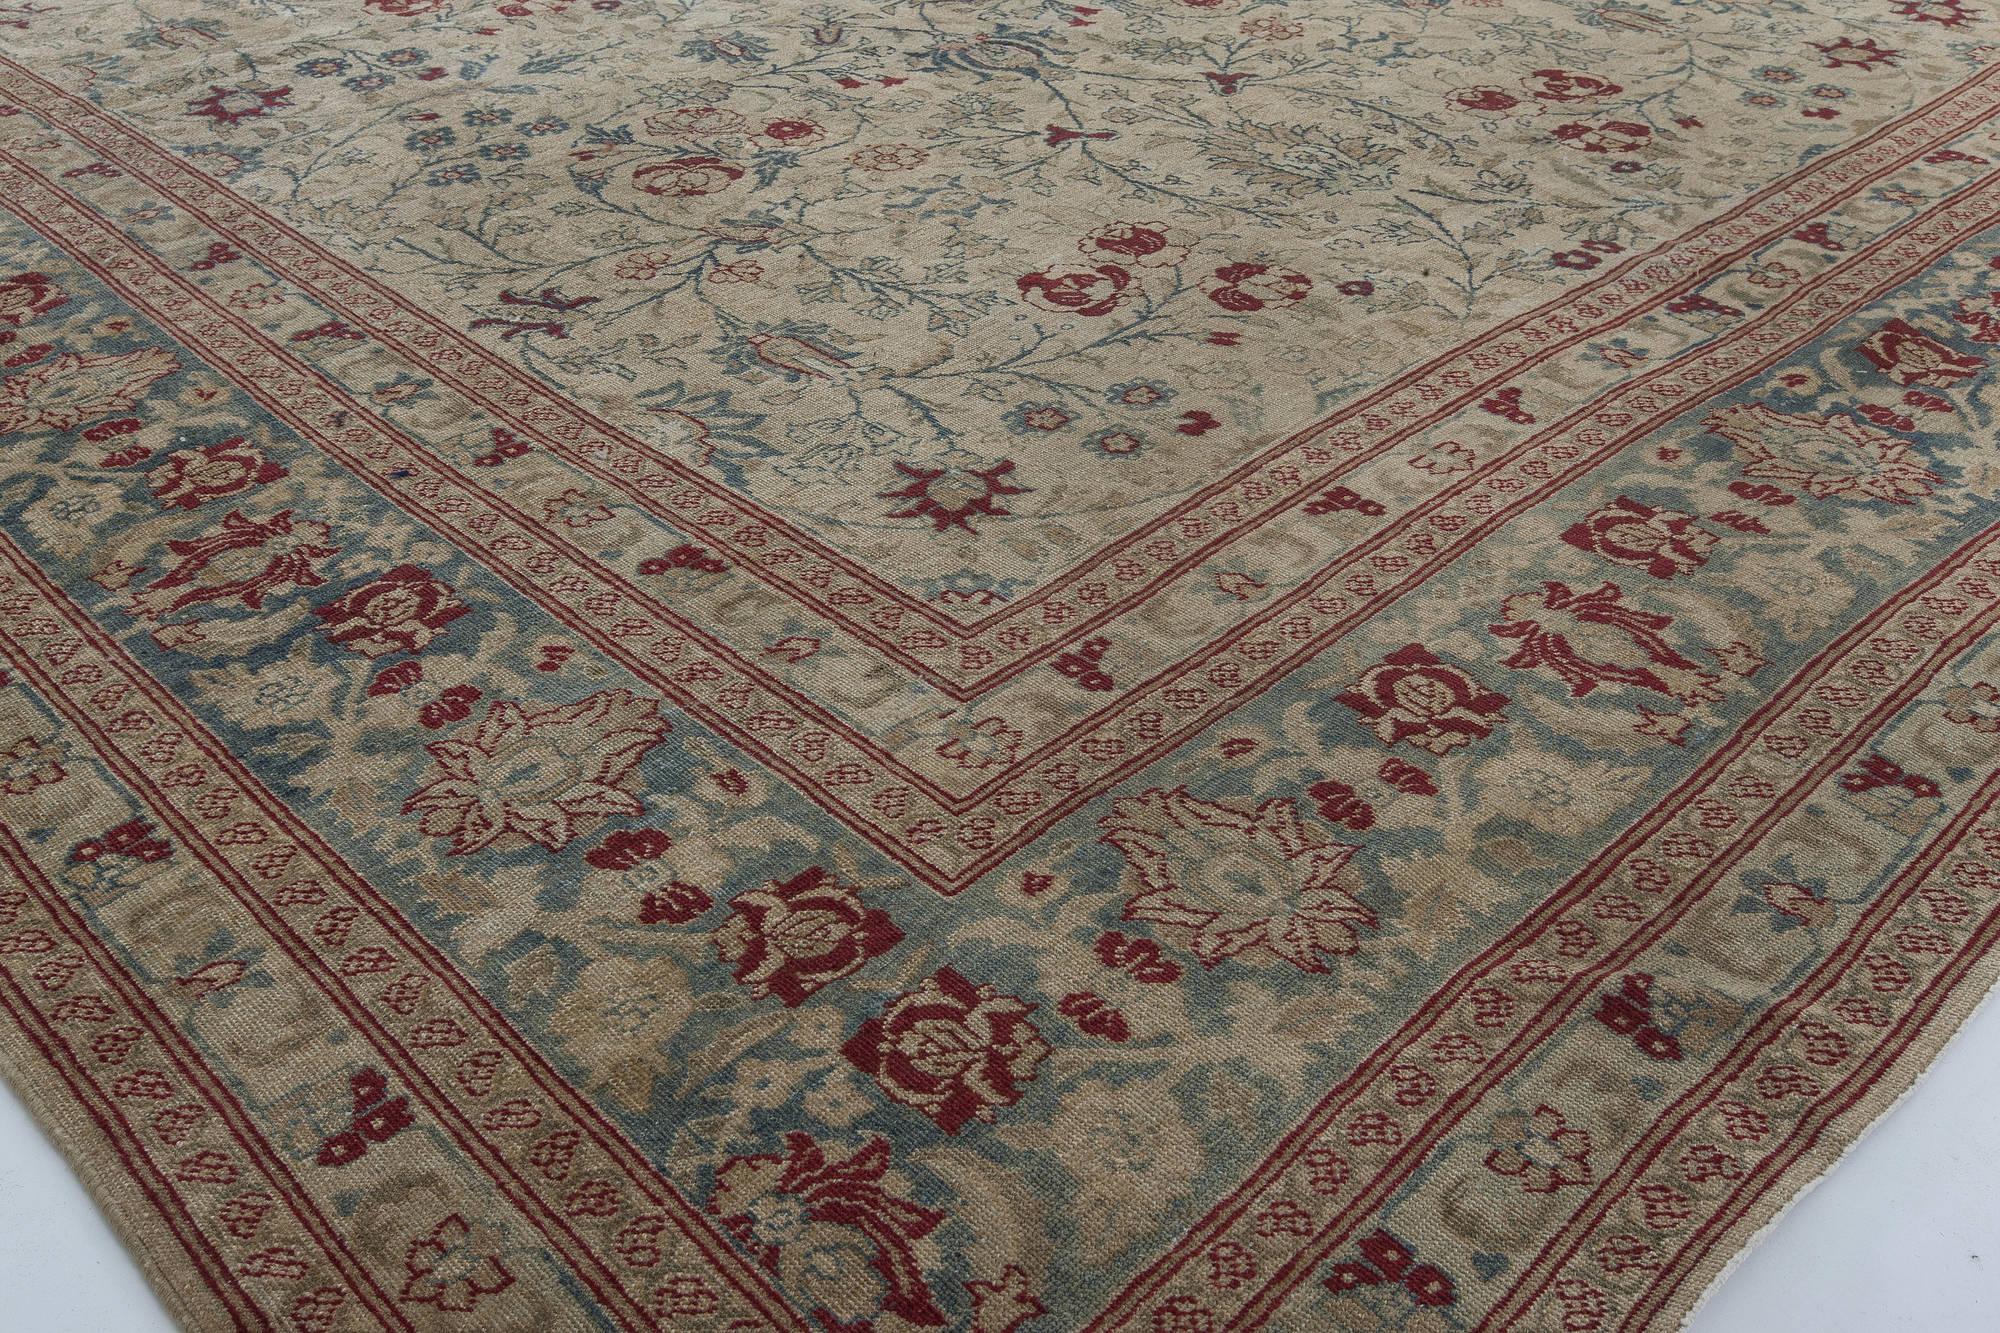 Antique Persian Tabriz Carpet Bb2849 By Doris Leslie Blau